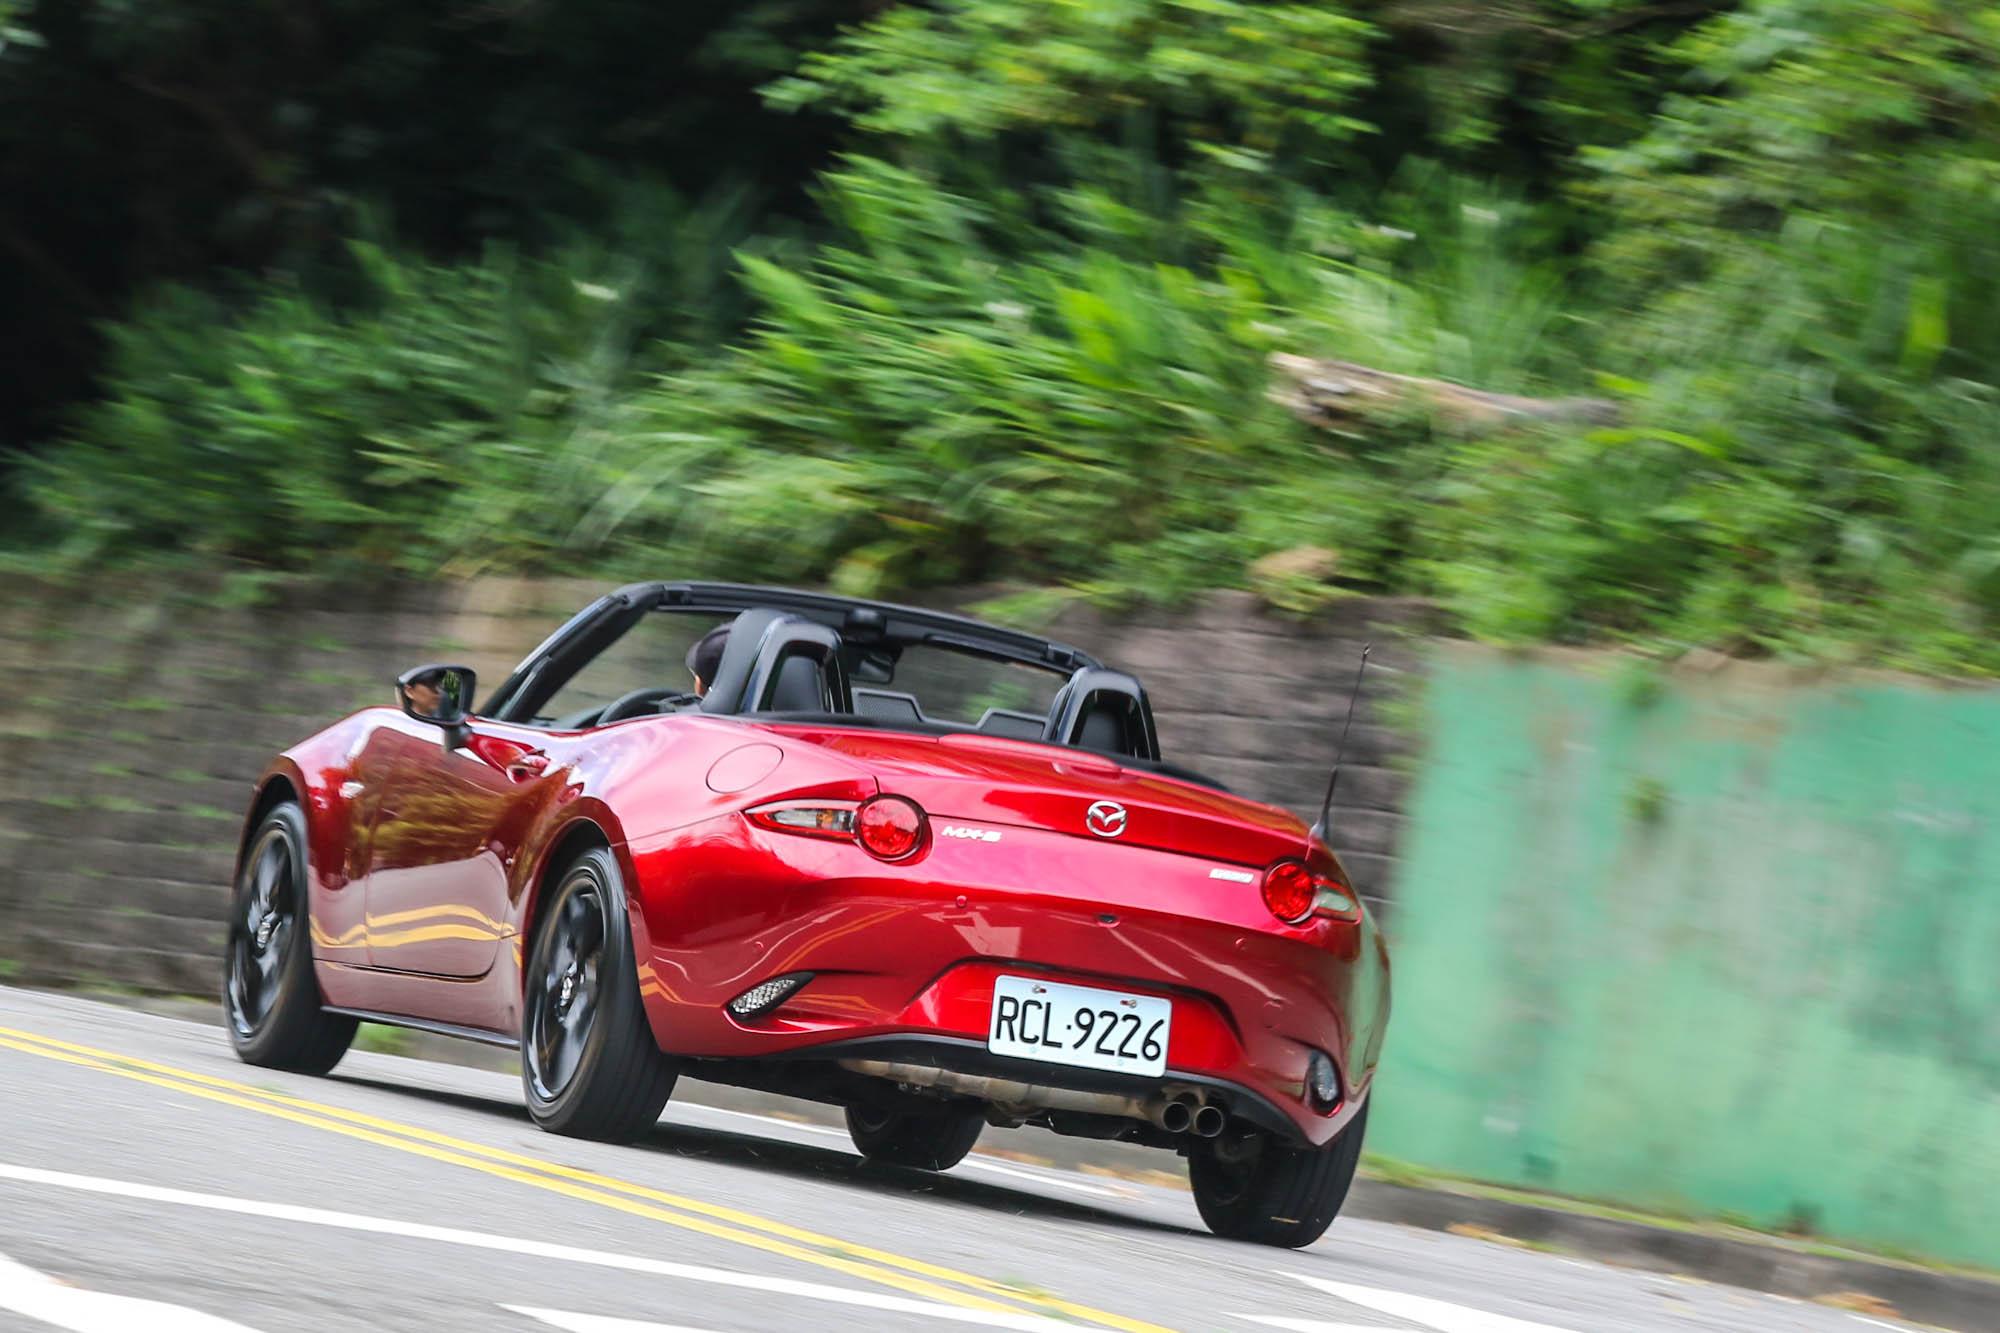 靈活的車尾反映出車輛的年輕個性,更讓駕駛技巧有大展身手的空間。